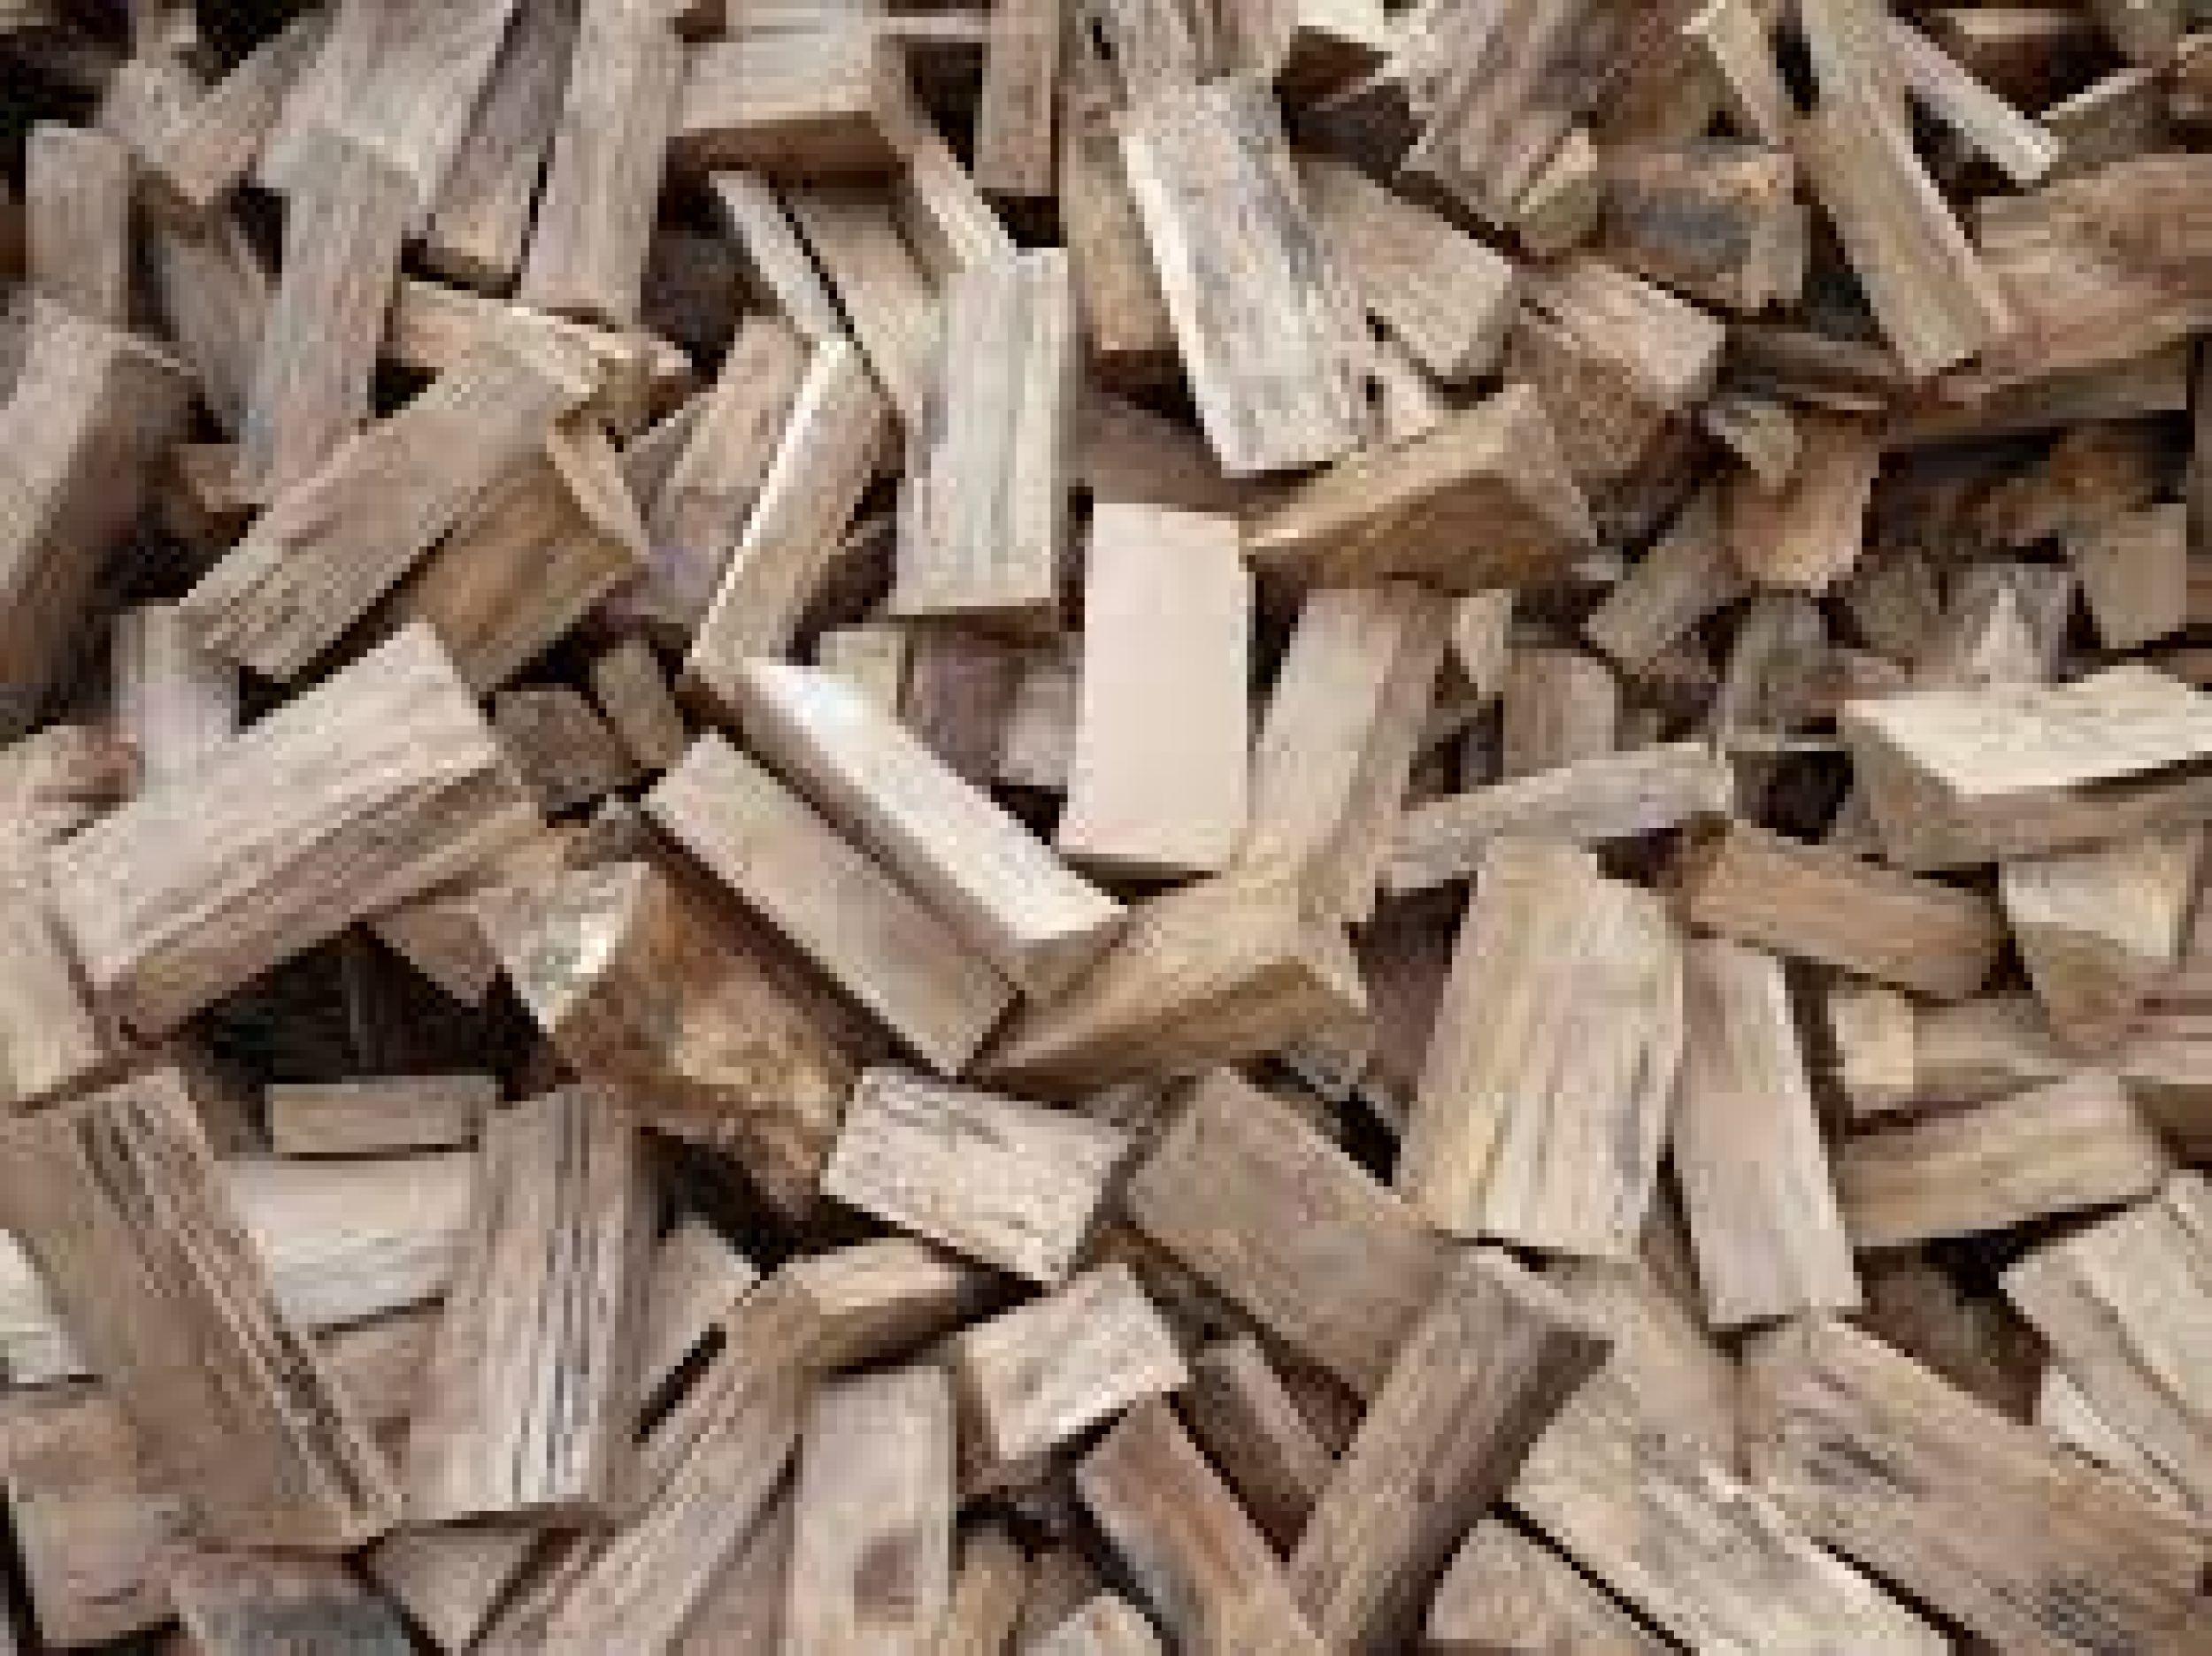 bois de chauffage, grume, abattages d'arbres - morbihan 56